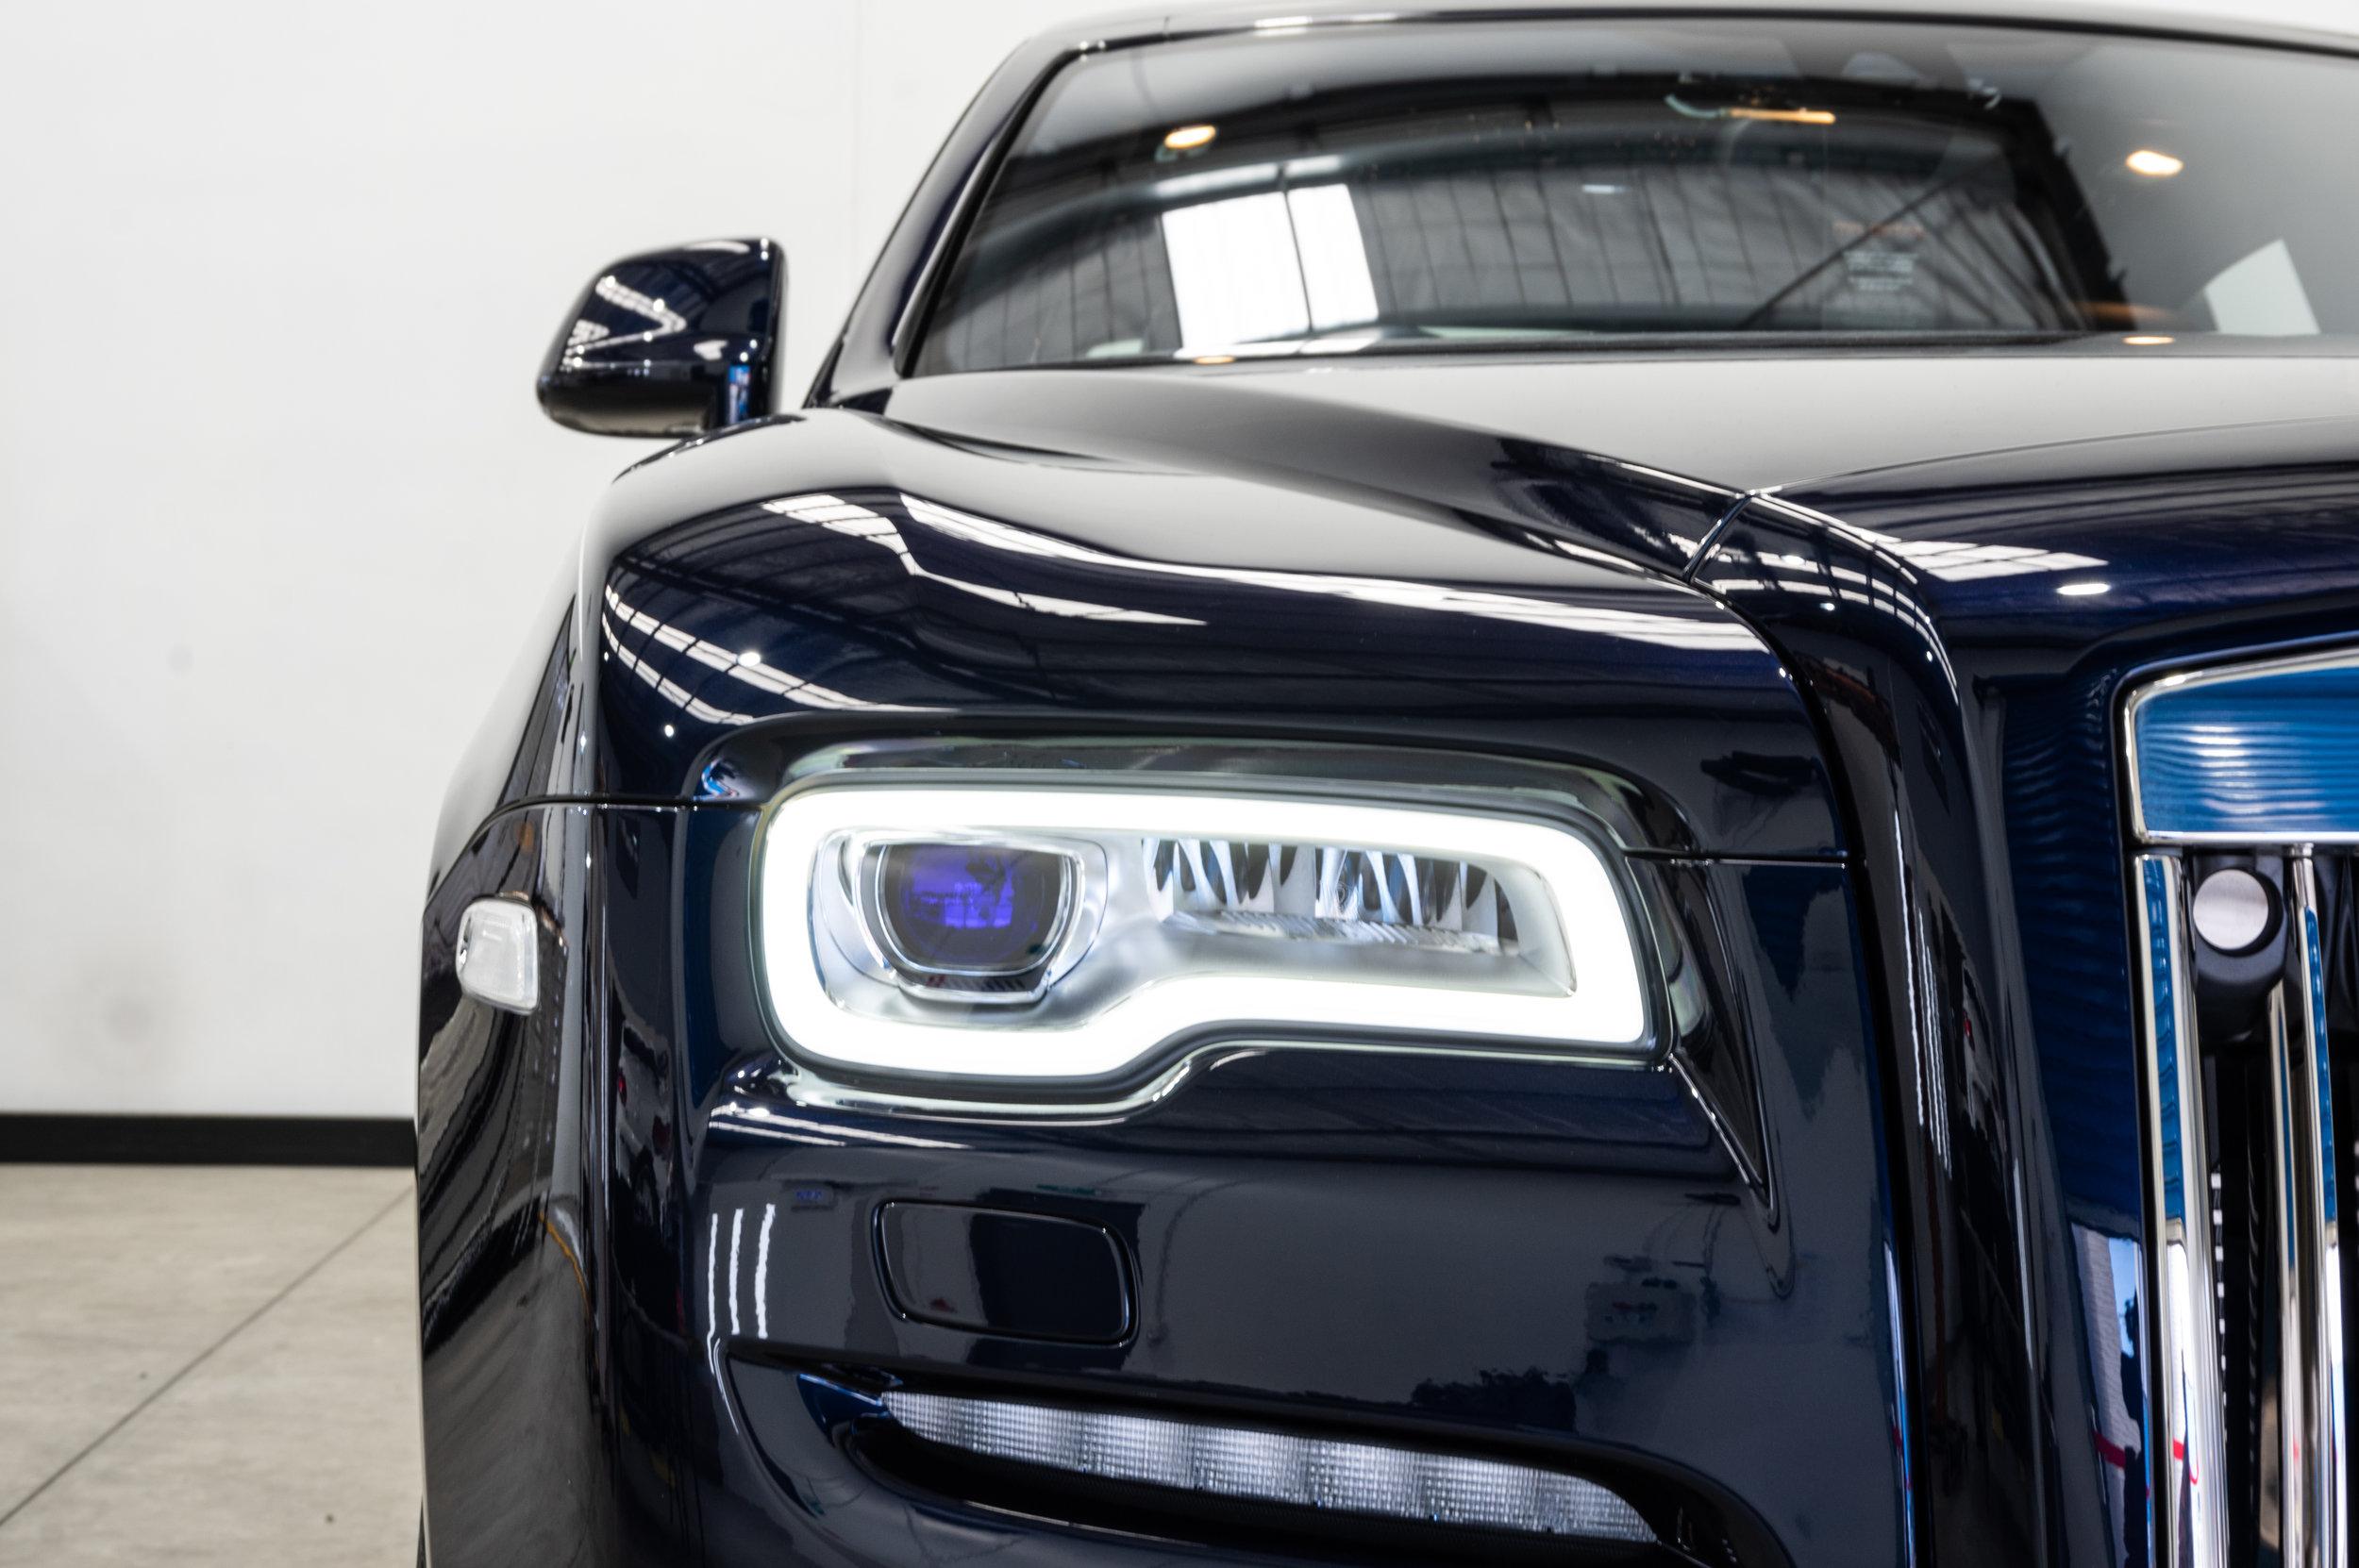 Rolls Royce Ghost Headlight